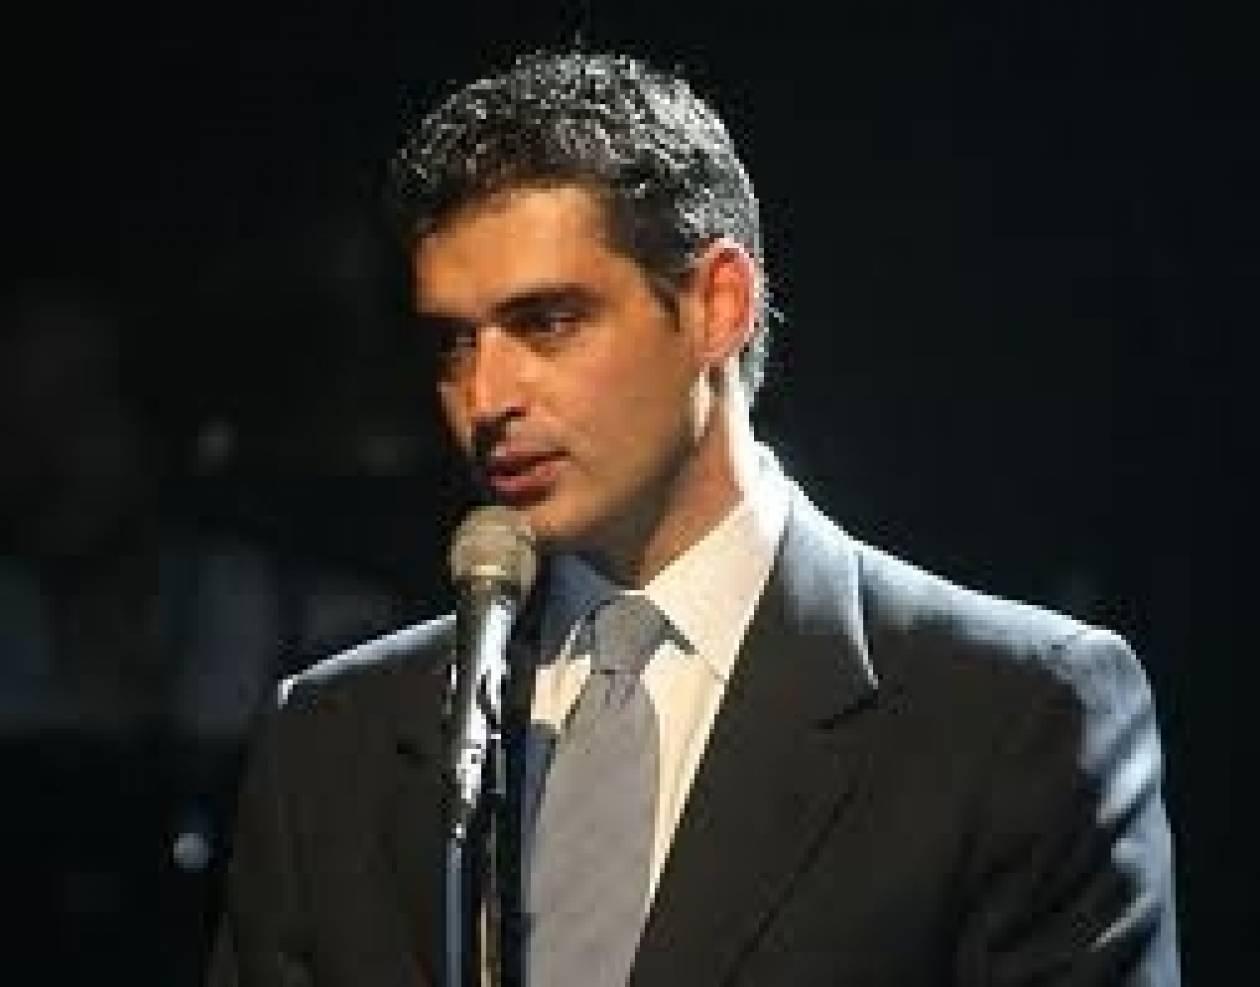 Στον Κώστα Καραμανλή ο Άρης Σπηλιωτόπουλος